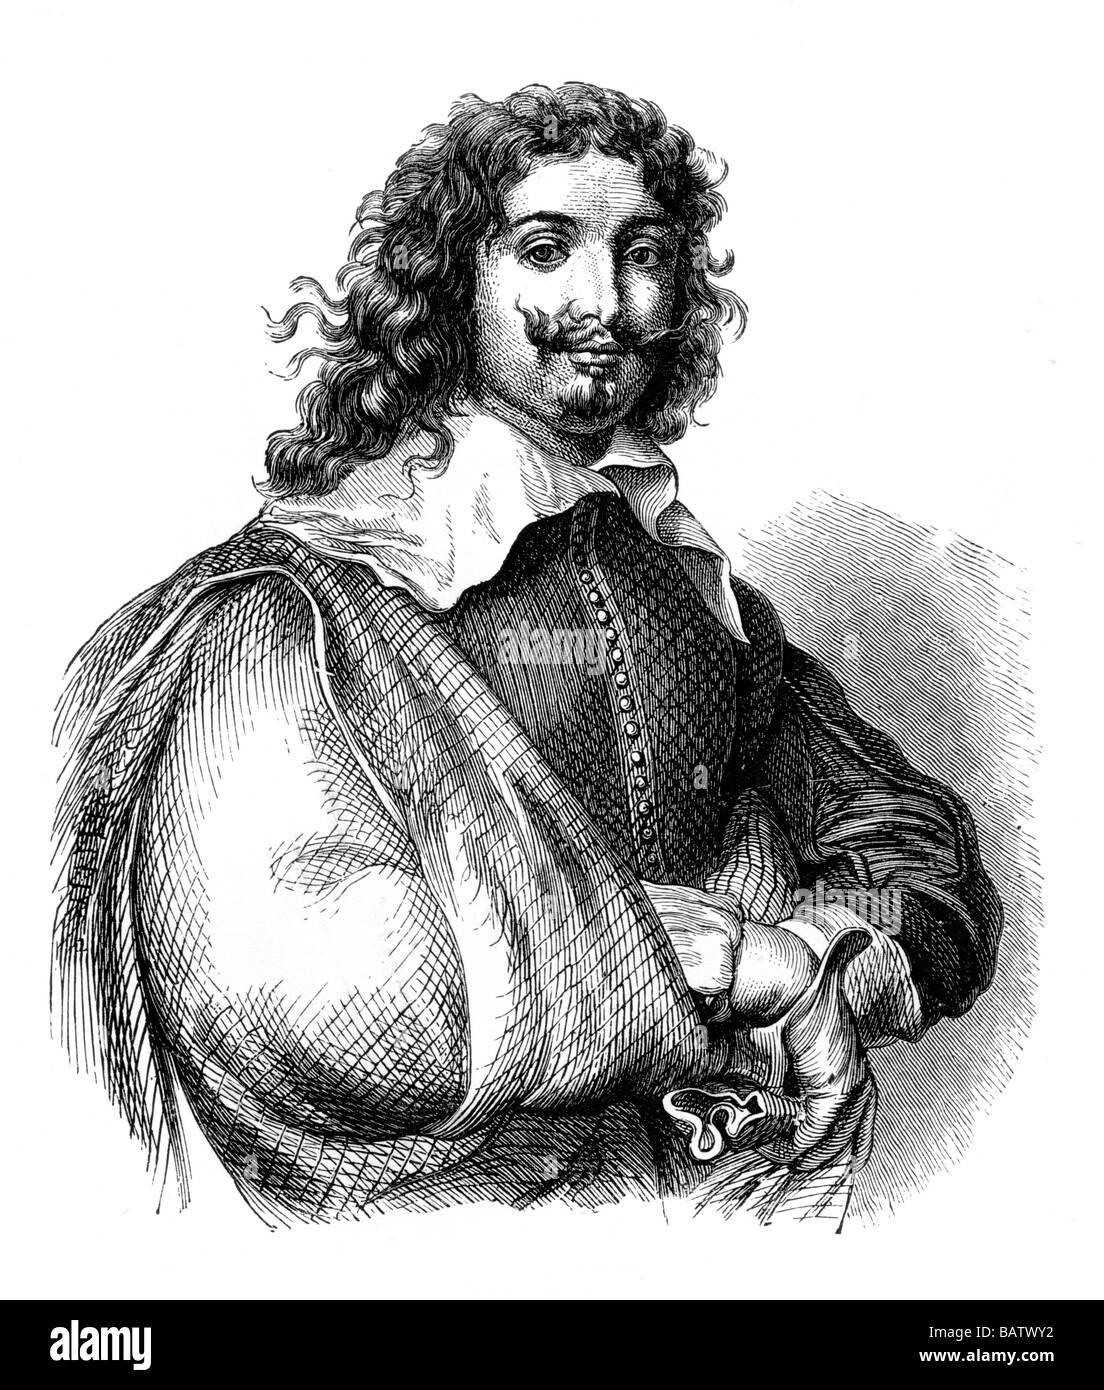 Portrait Illustration of Adrian Brouwer b 1605 d 1638 Flemish Genre Painter Stock Photo